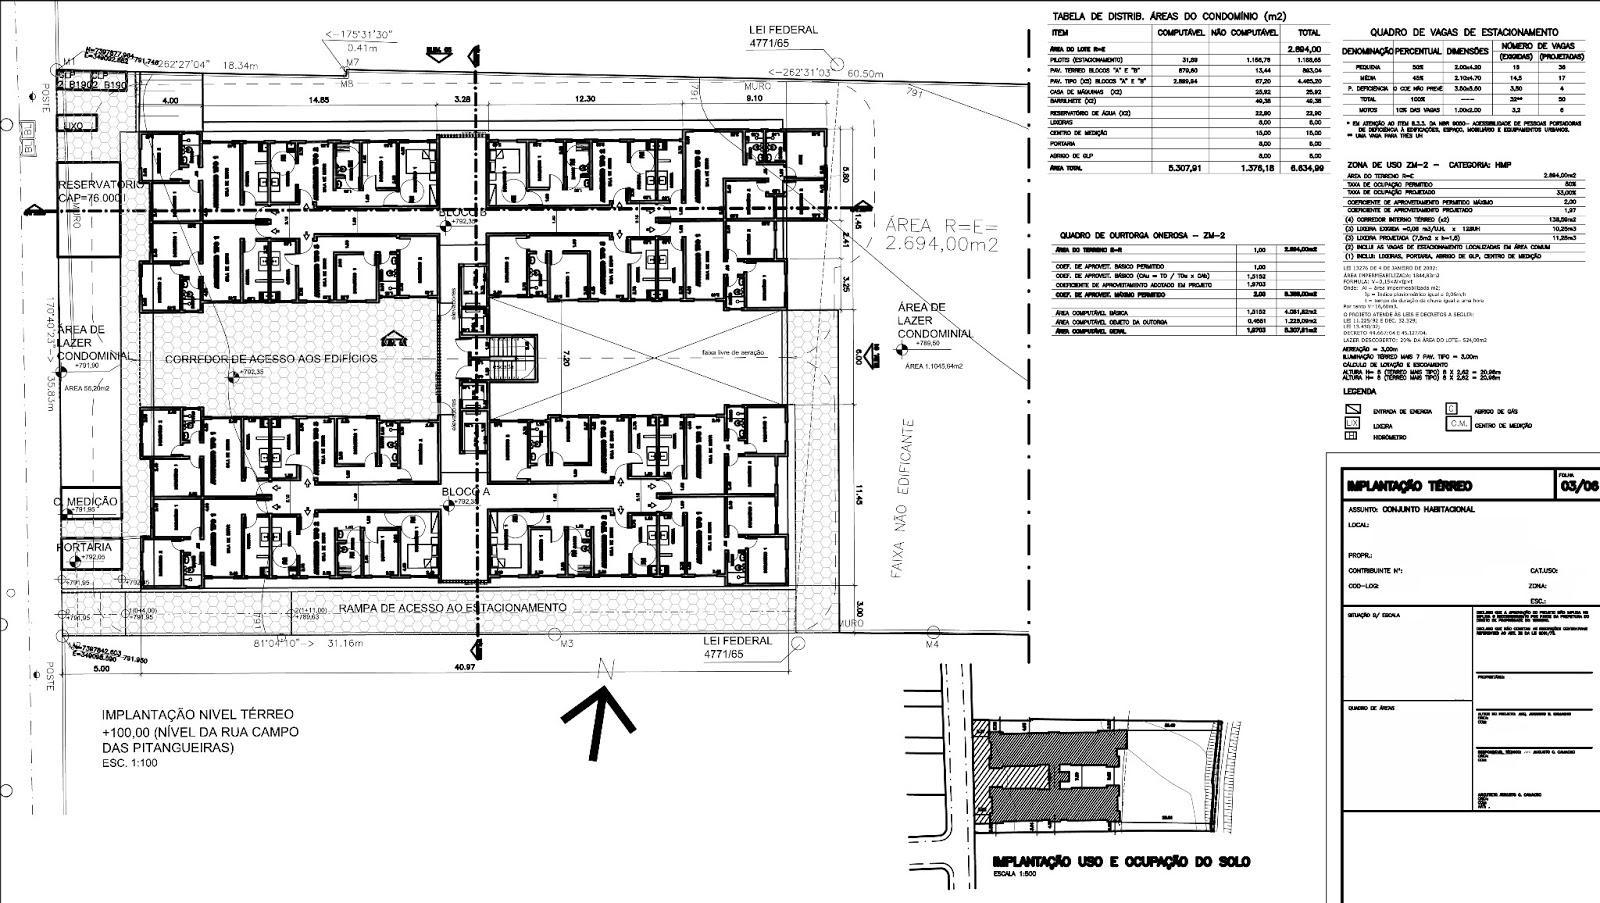 #383838 MARIANA PROJETISTA: Arquitetura #01: Ergonomia > Acessibilidade 1600x903 px regras banheiro pne